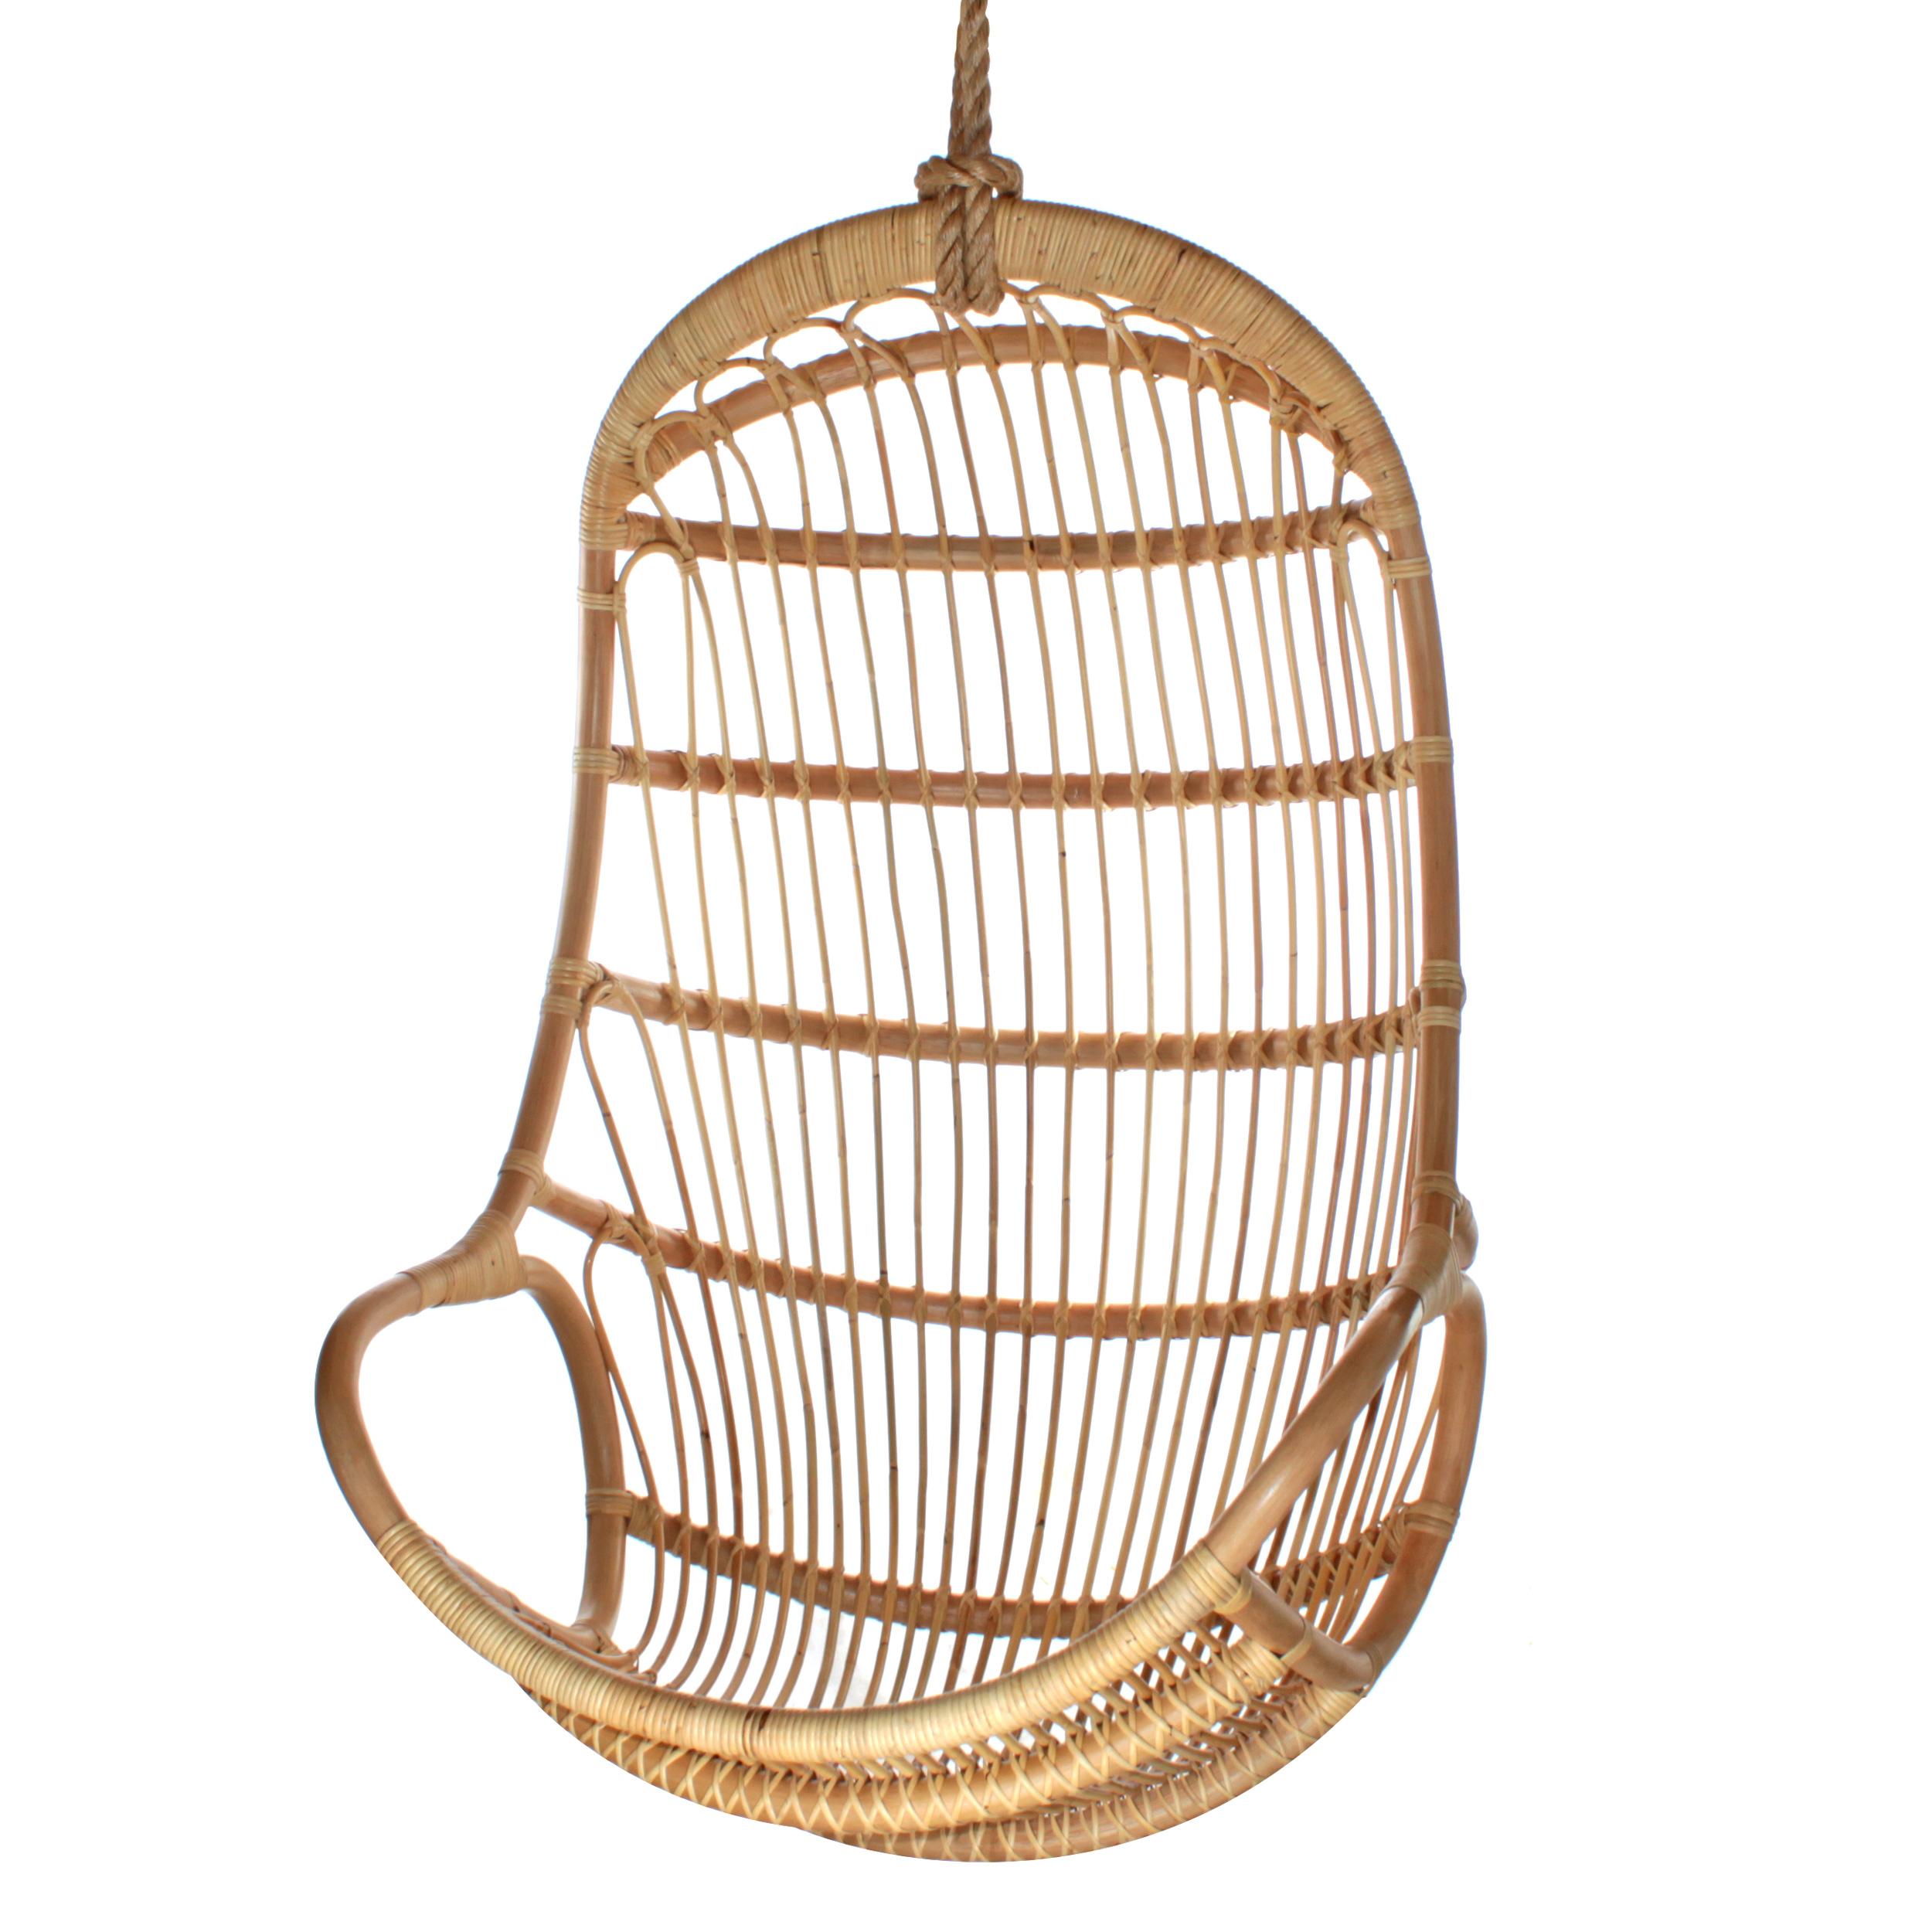 Asientos colgantes sillas colgantes with asientos - Sillas colgantes interior ...